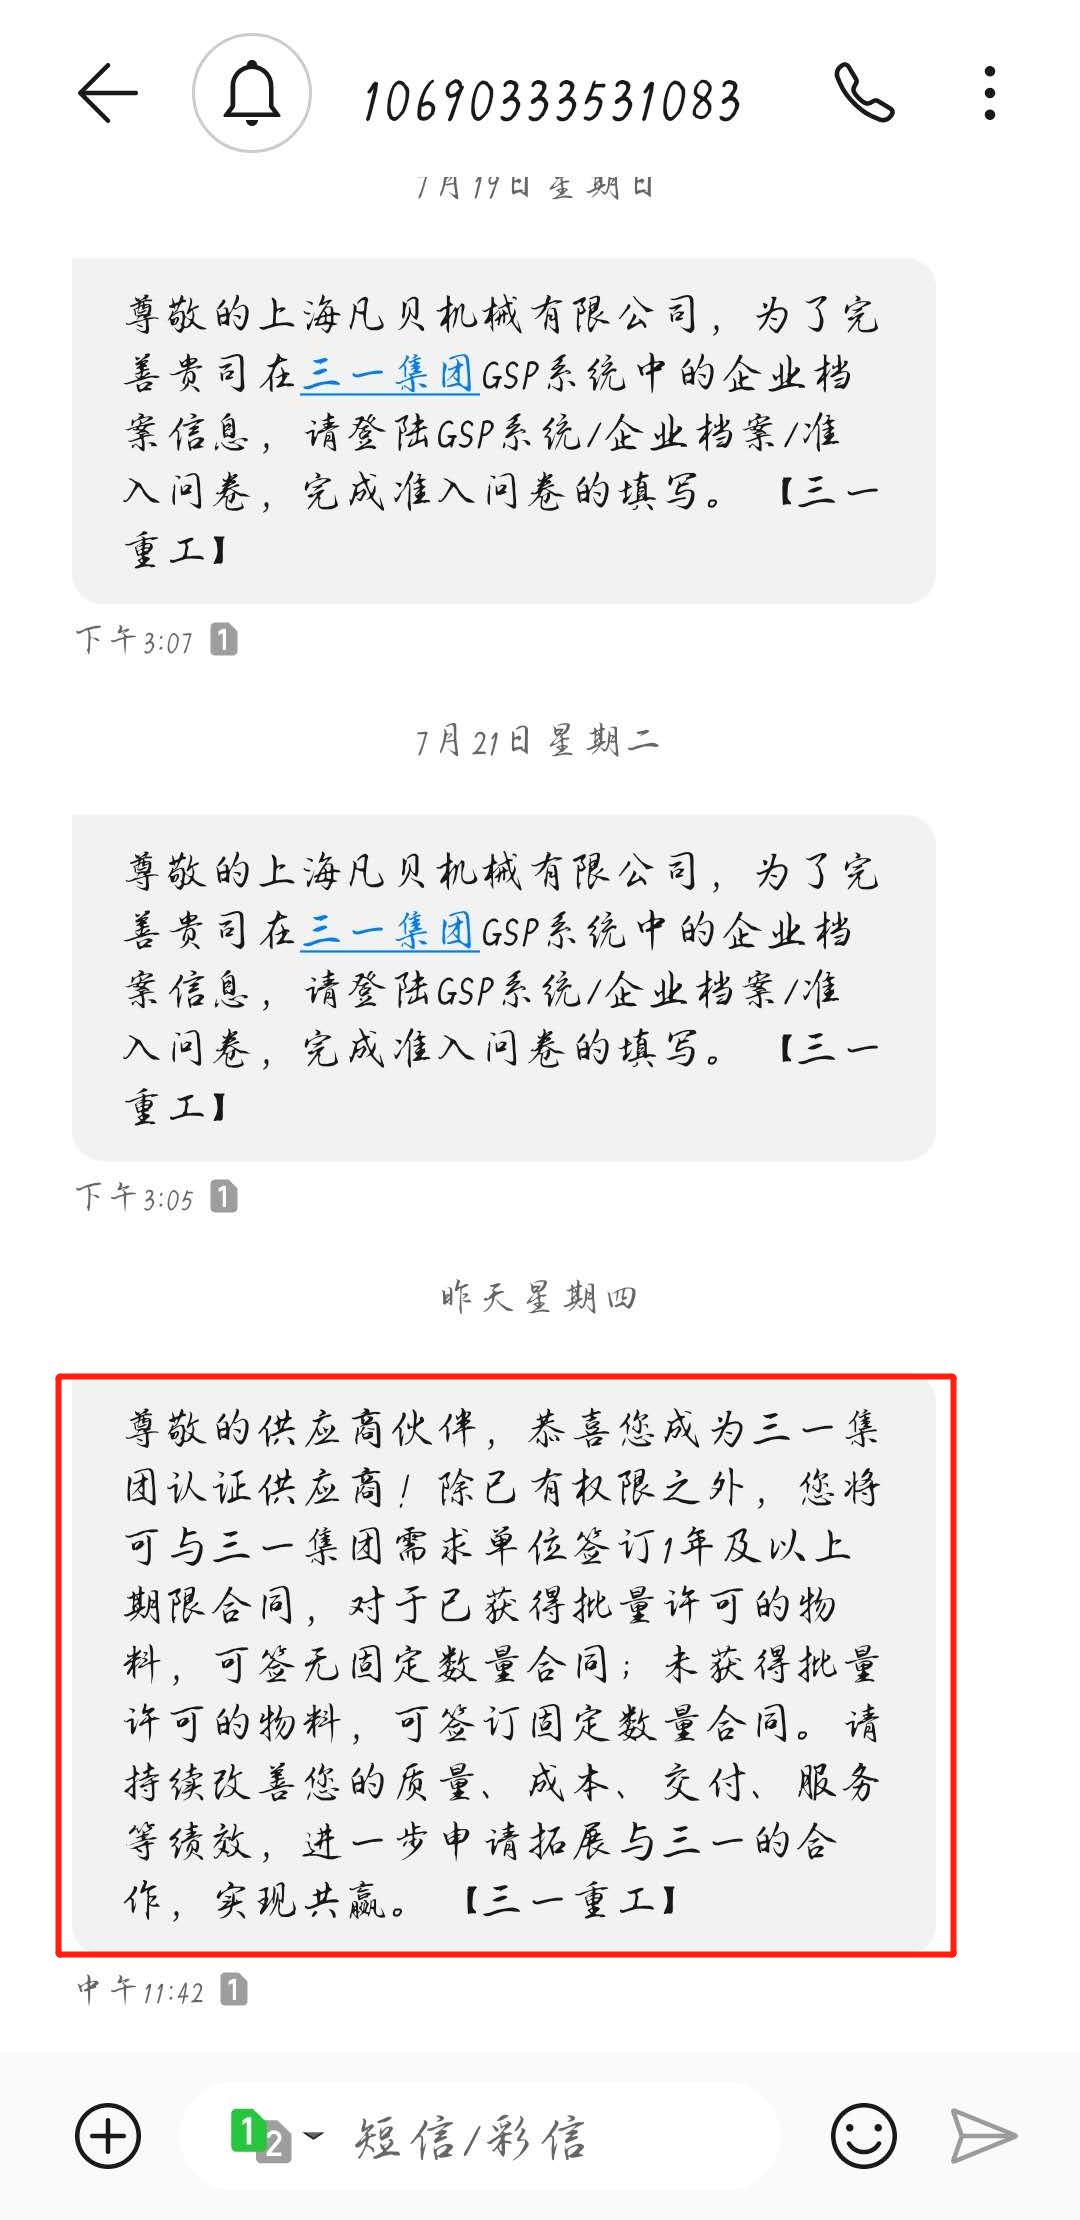 【重磅】上海凡贝成为三一集团认证供应商!